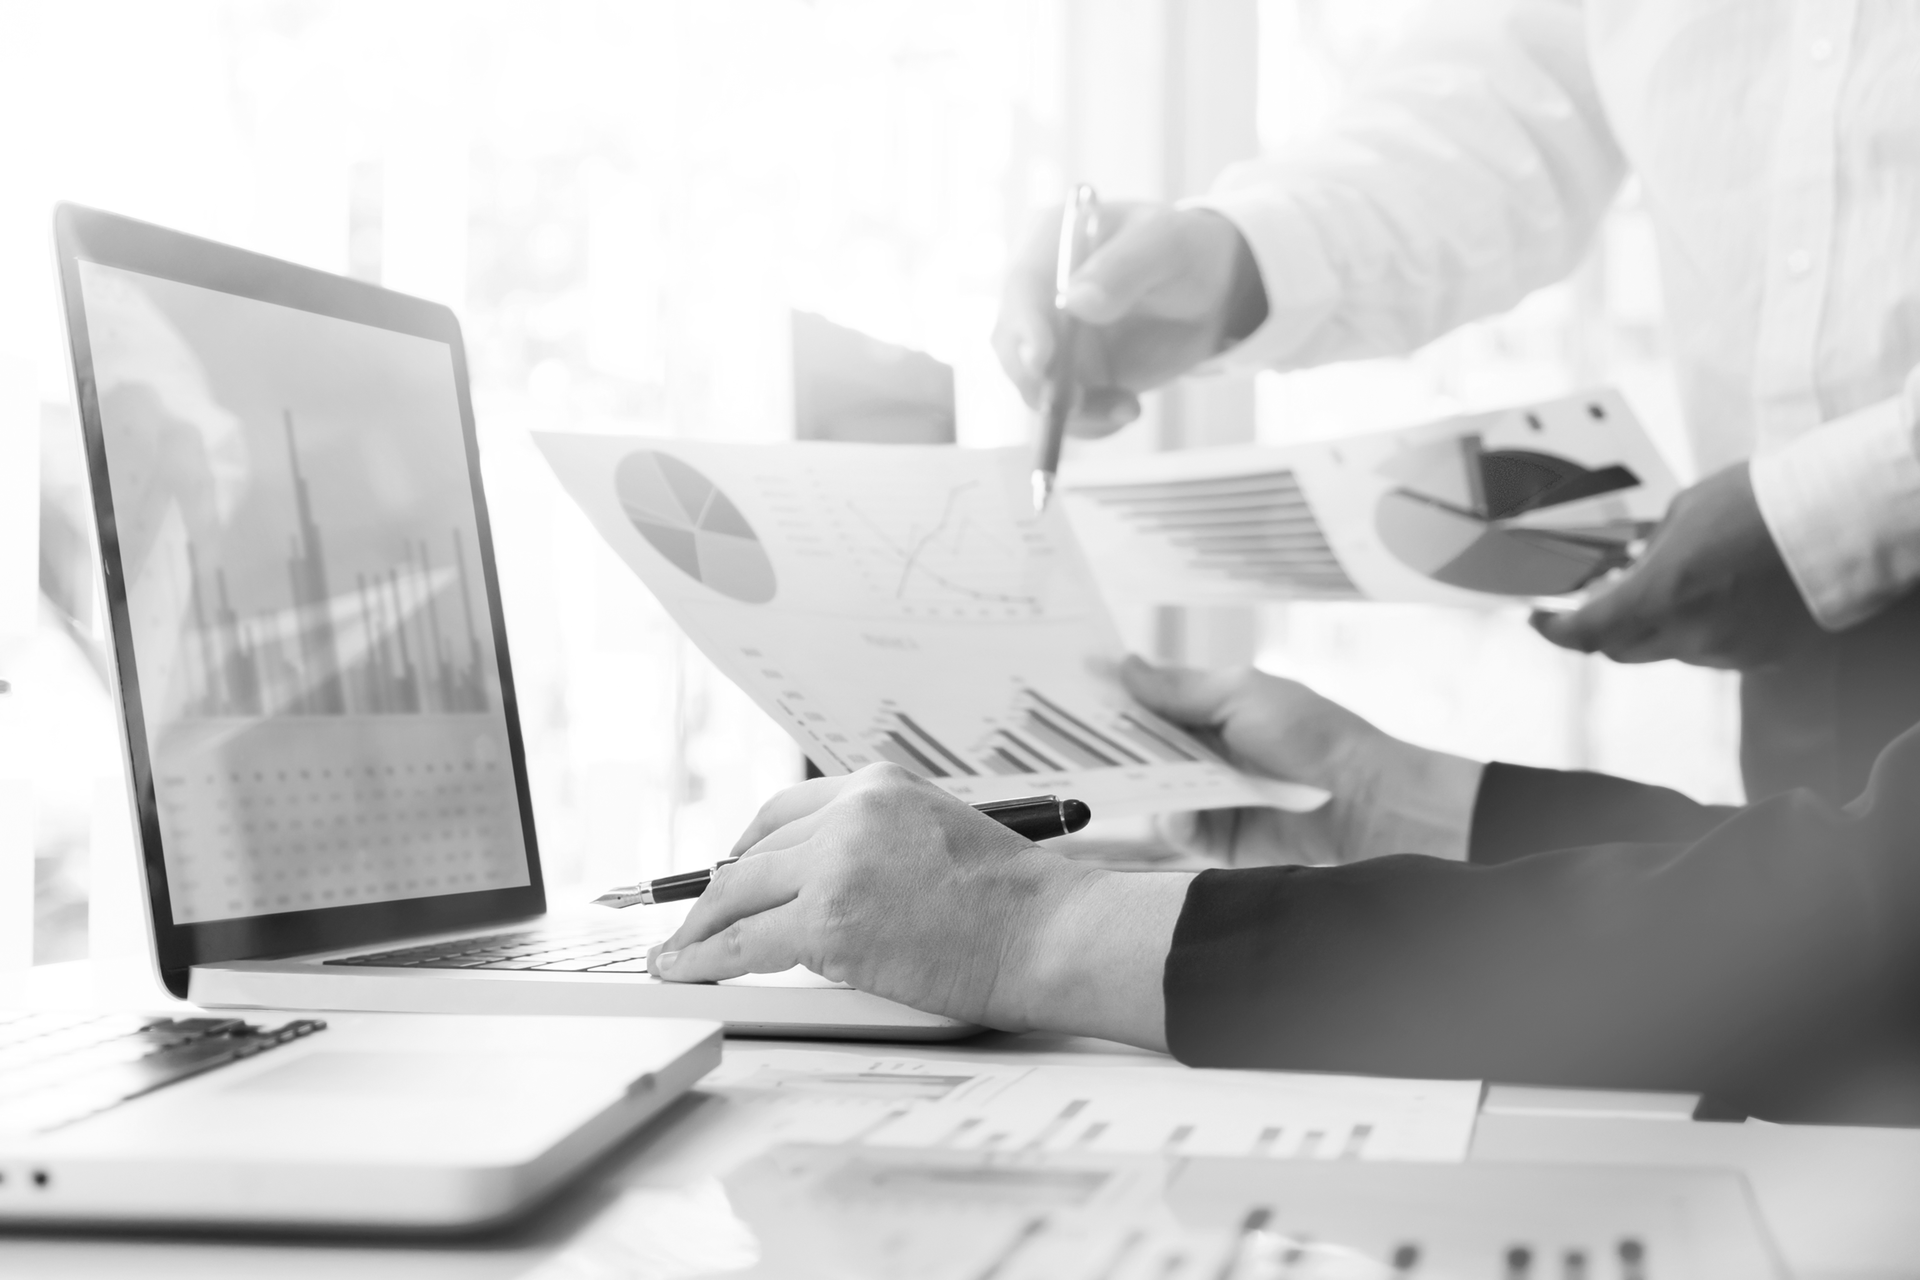 재무설계(Financial Planning)란 자산을 효율적이고 체계적으로 관리하여, 인생의 재무적 목표를 달성할 수 있도록 계획하는 일련의 과정